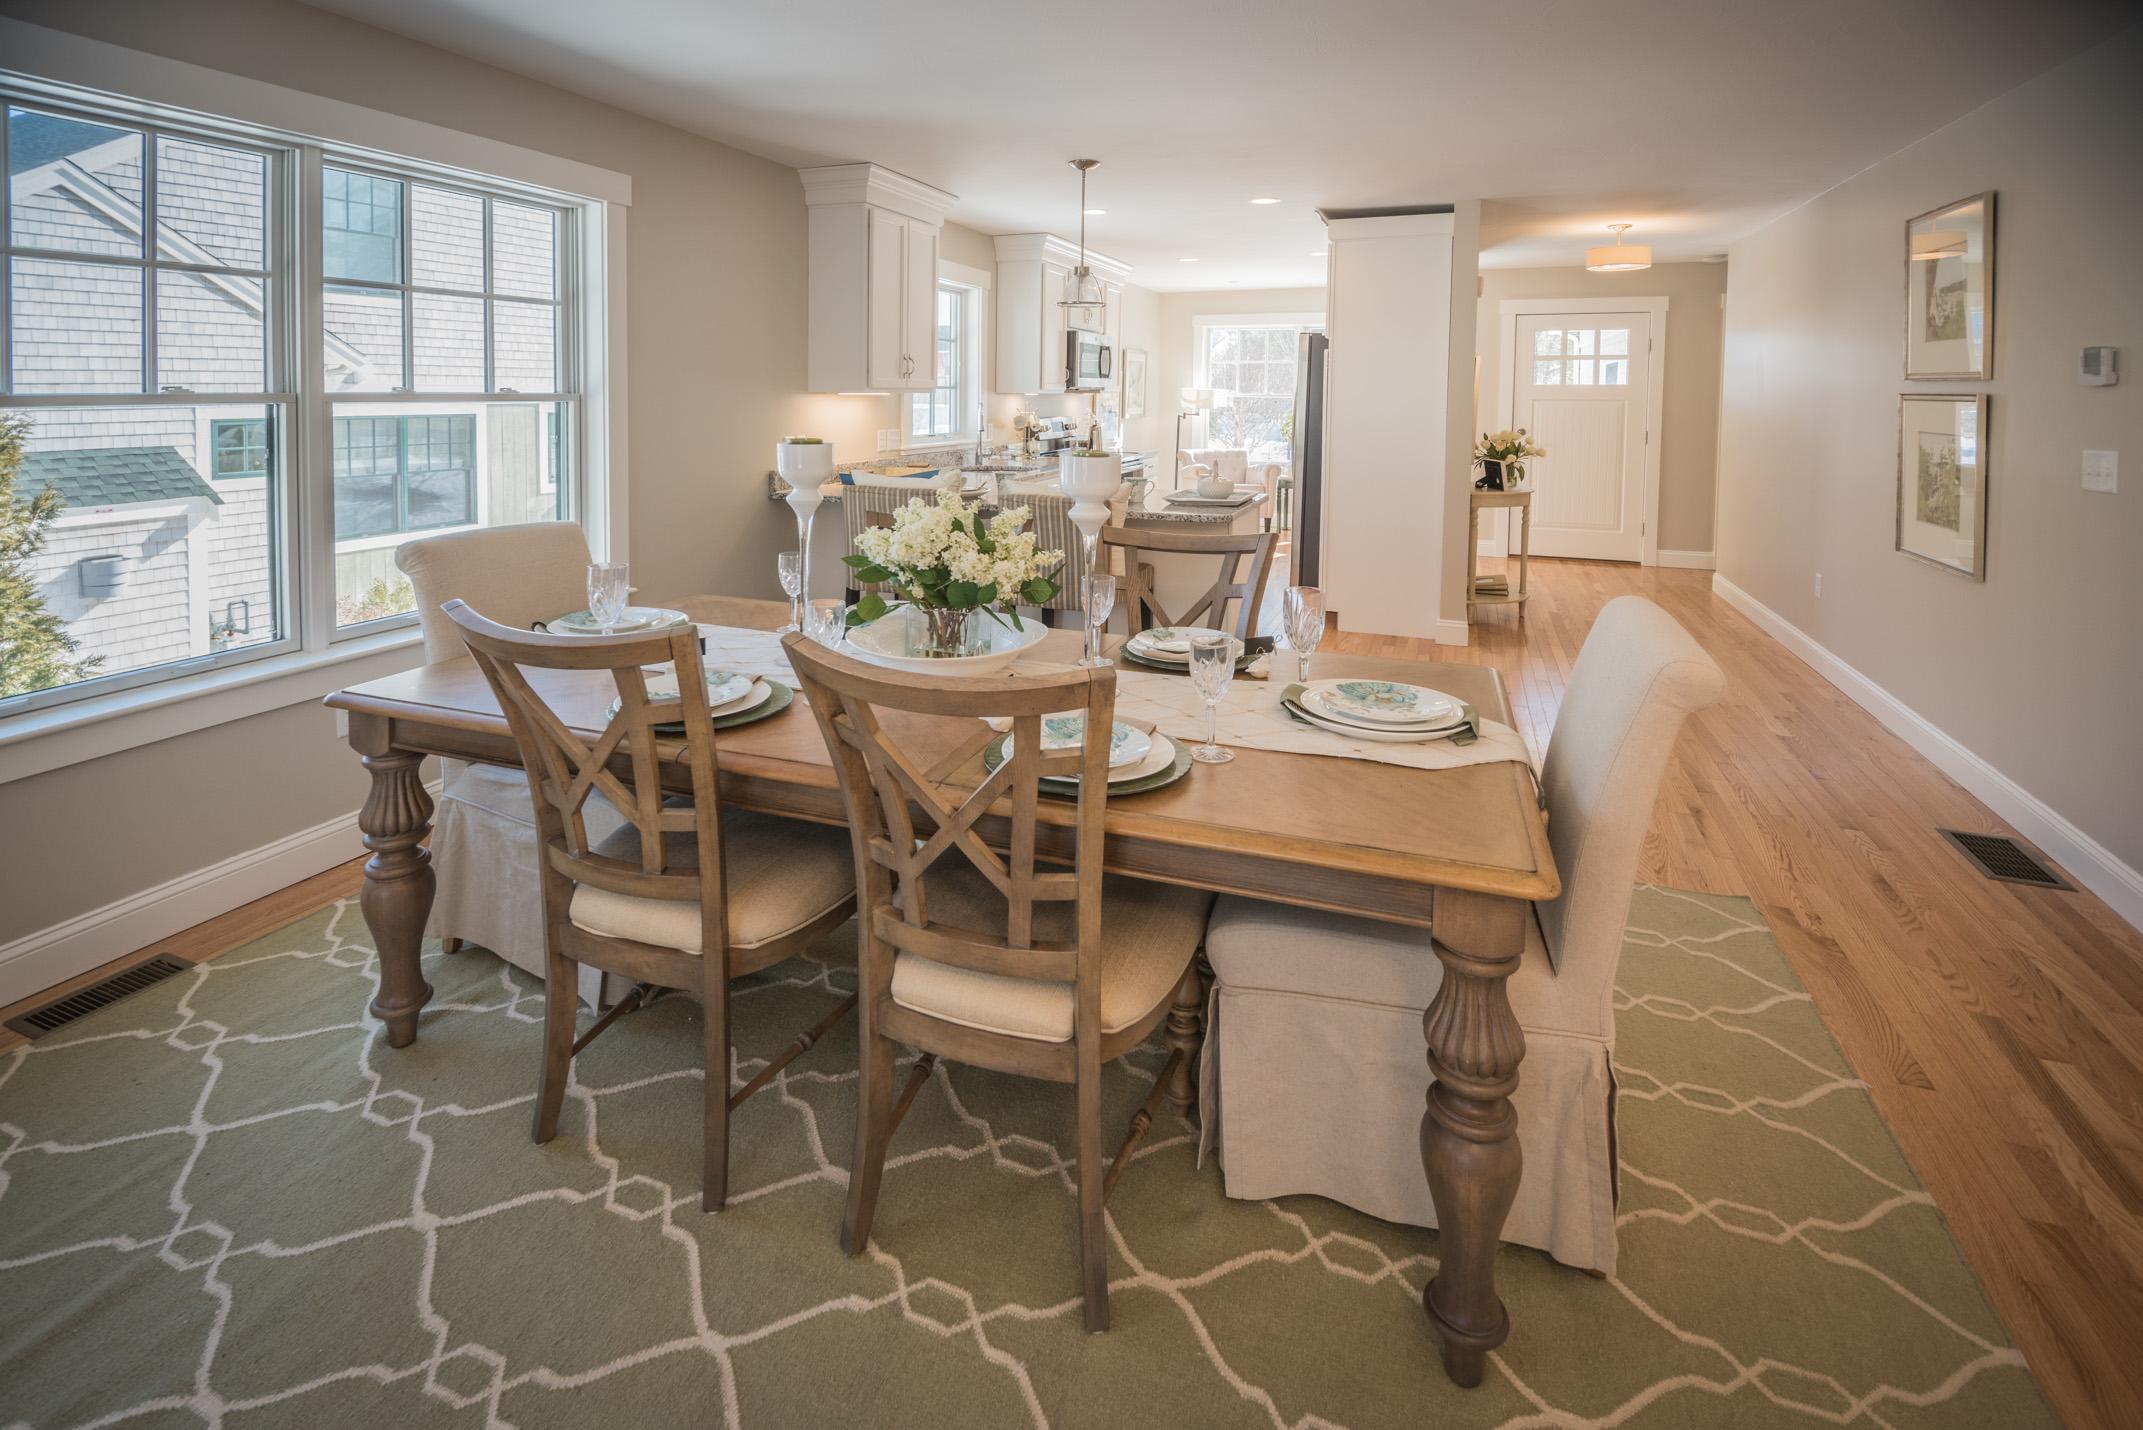 Arbor interior redbrook - How to take interior photos for real estate ...